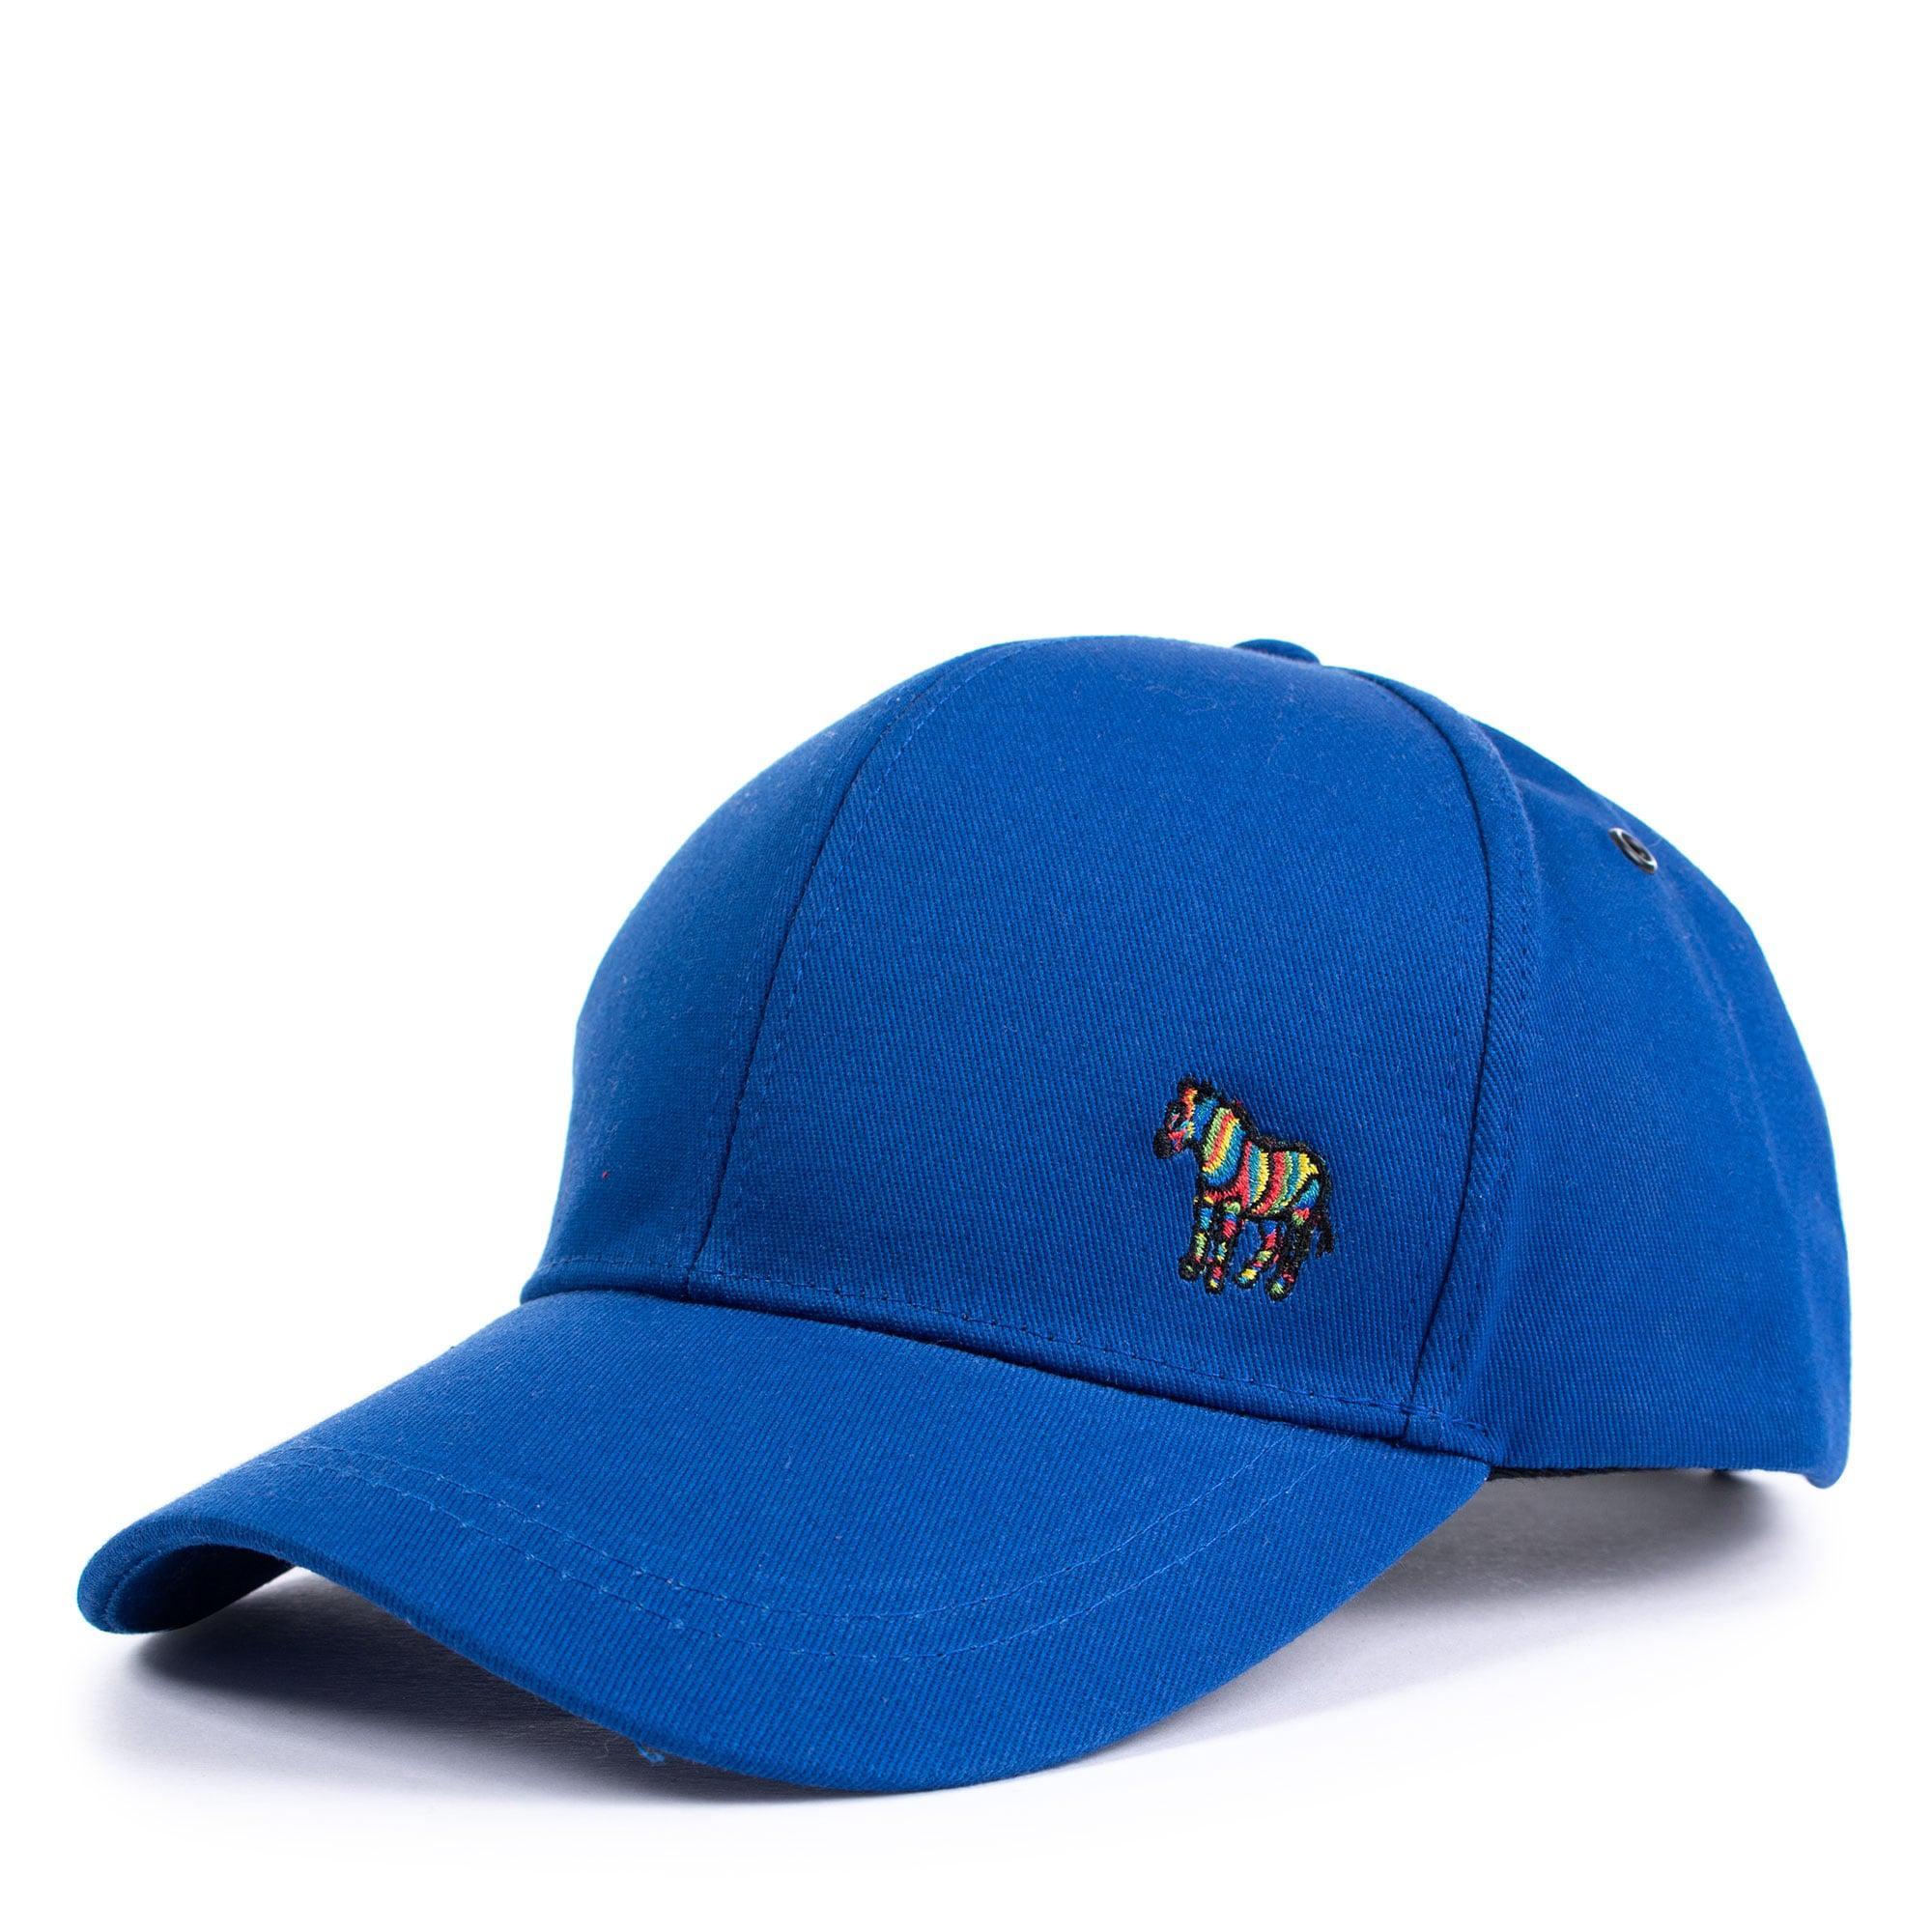 4e253316662 Paul Smith Cotton Zebra Logo Baseball Cap in Blue for Men - Lyst